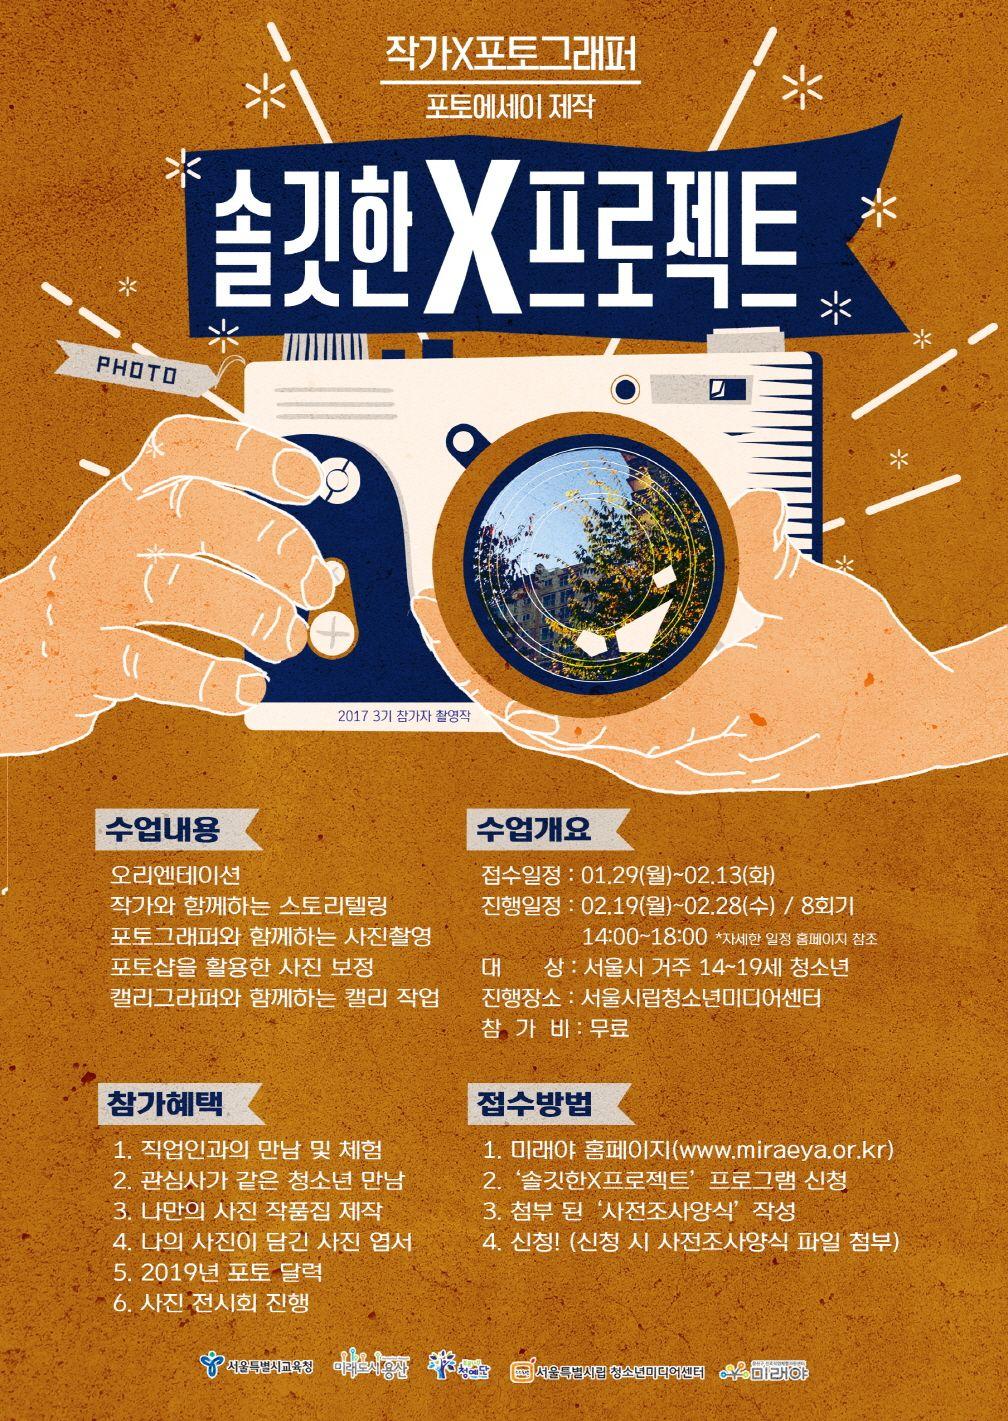 [용산구진로직업체험지원센터] 포토에세이 제작 참여자 모집